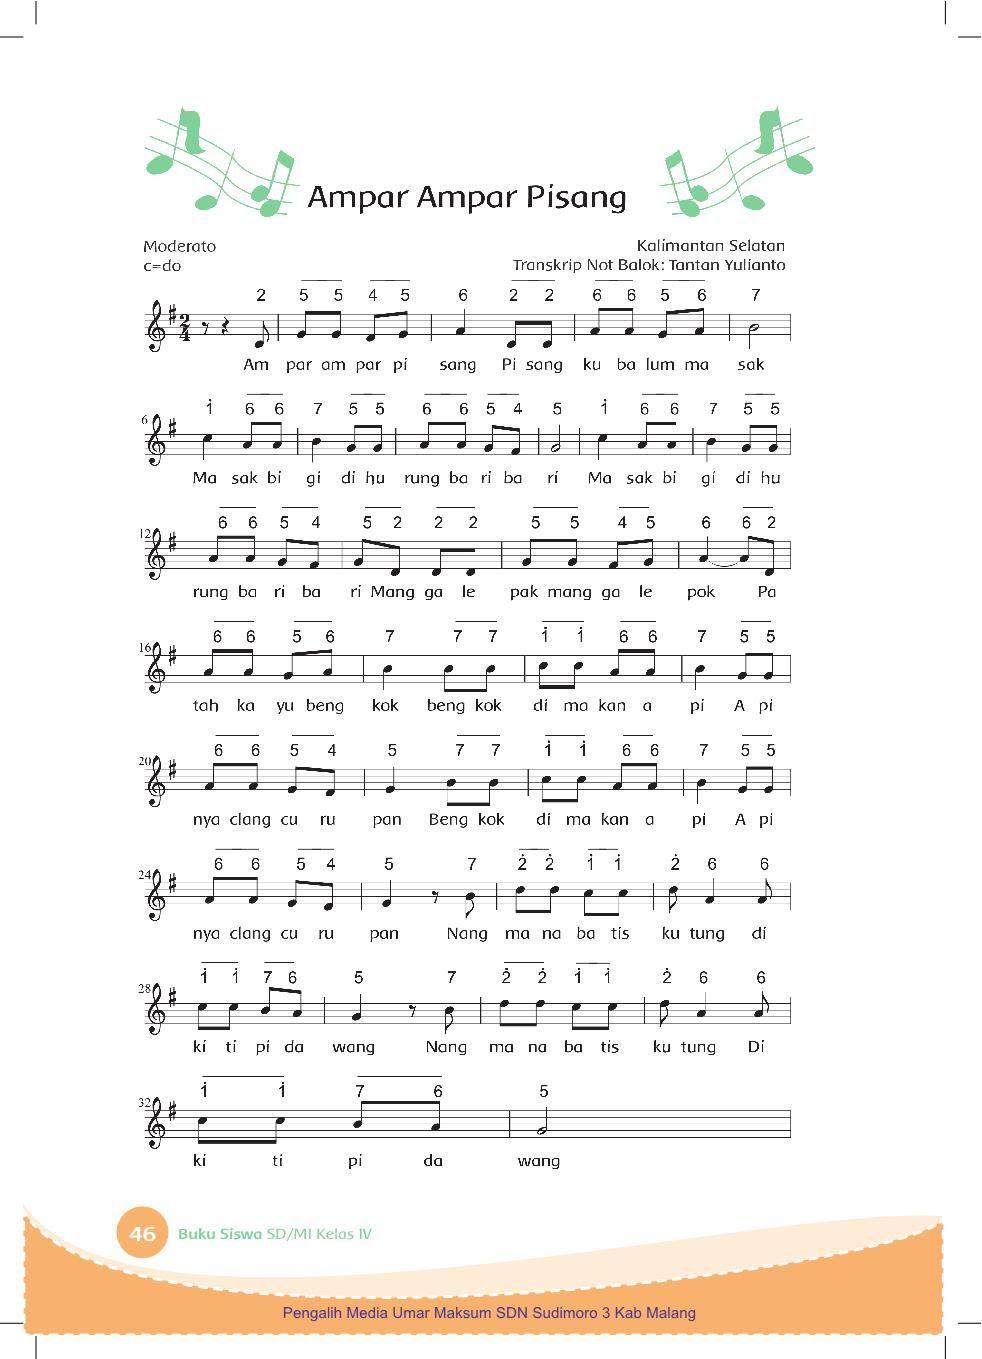 Download 610 Koleksi Gambar Garis Melodi Lagu Apuse Terbaru Gratis